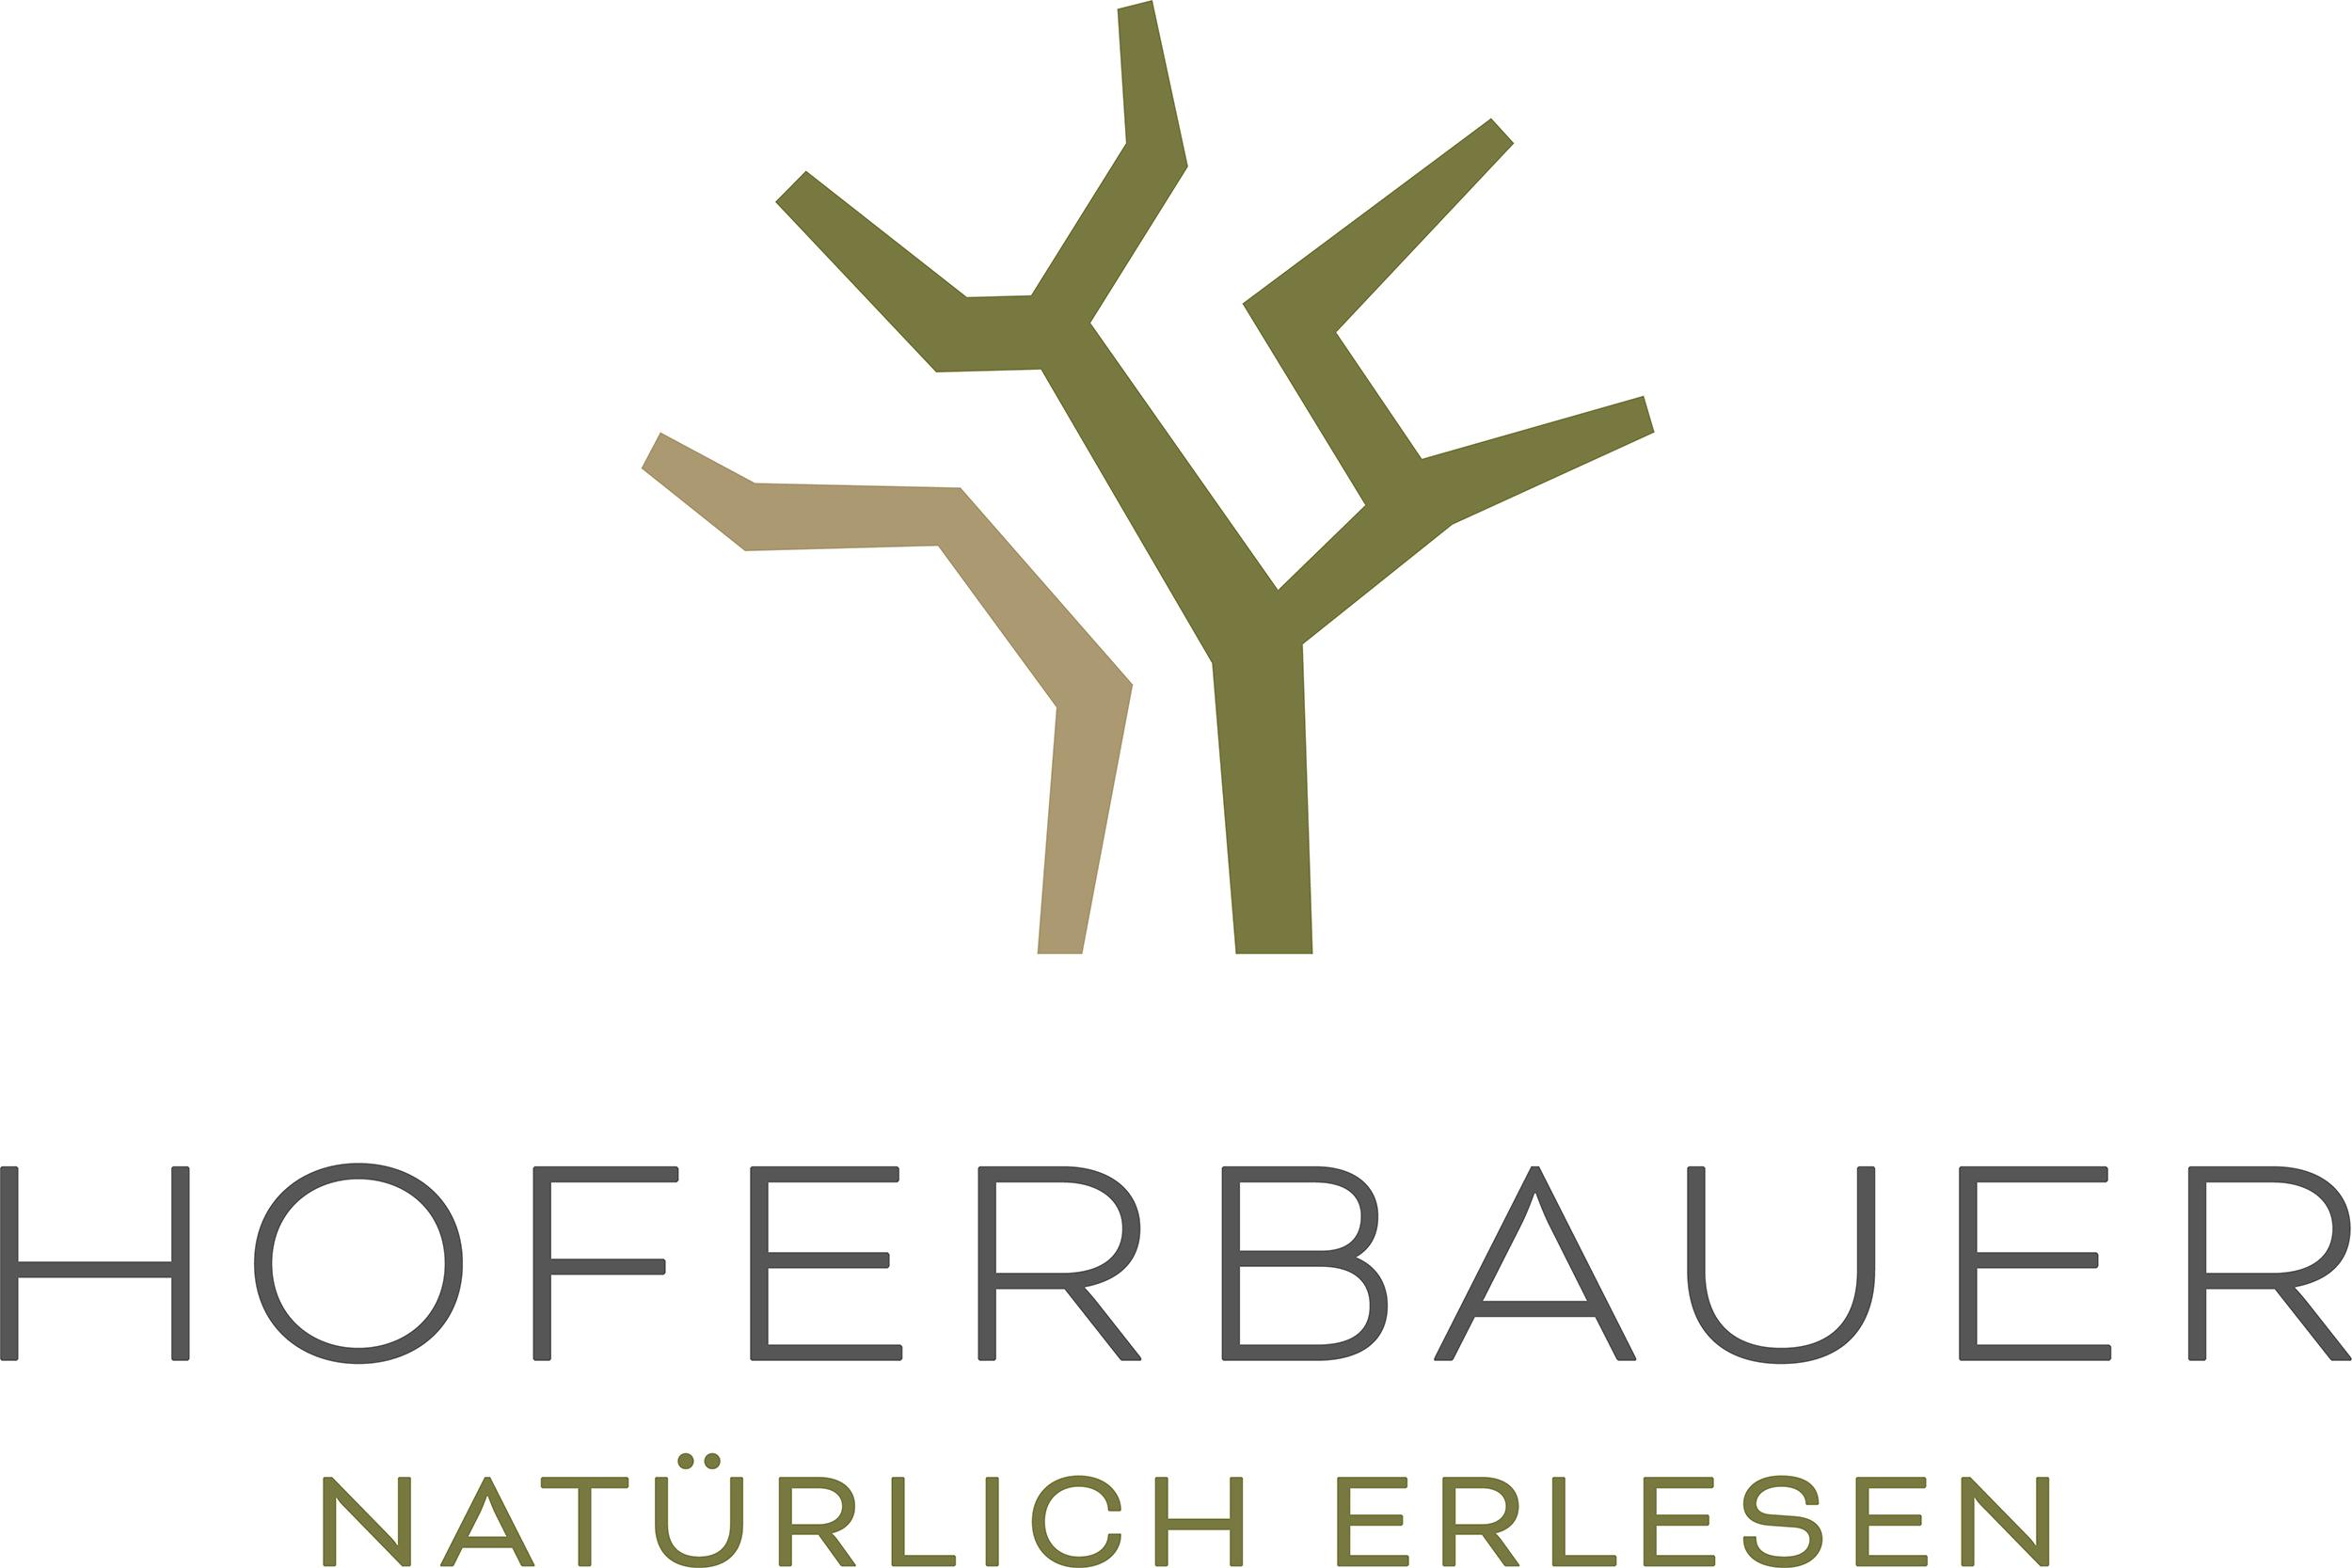 Wort-/Bildmarke: HOFERBAUER NATÜRLICH ERLESEN